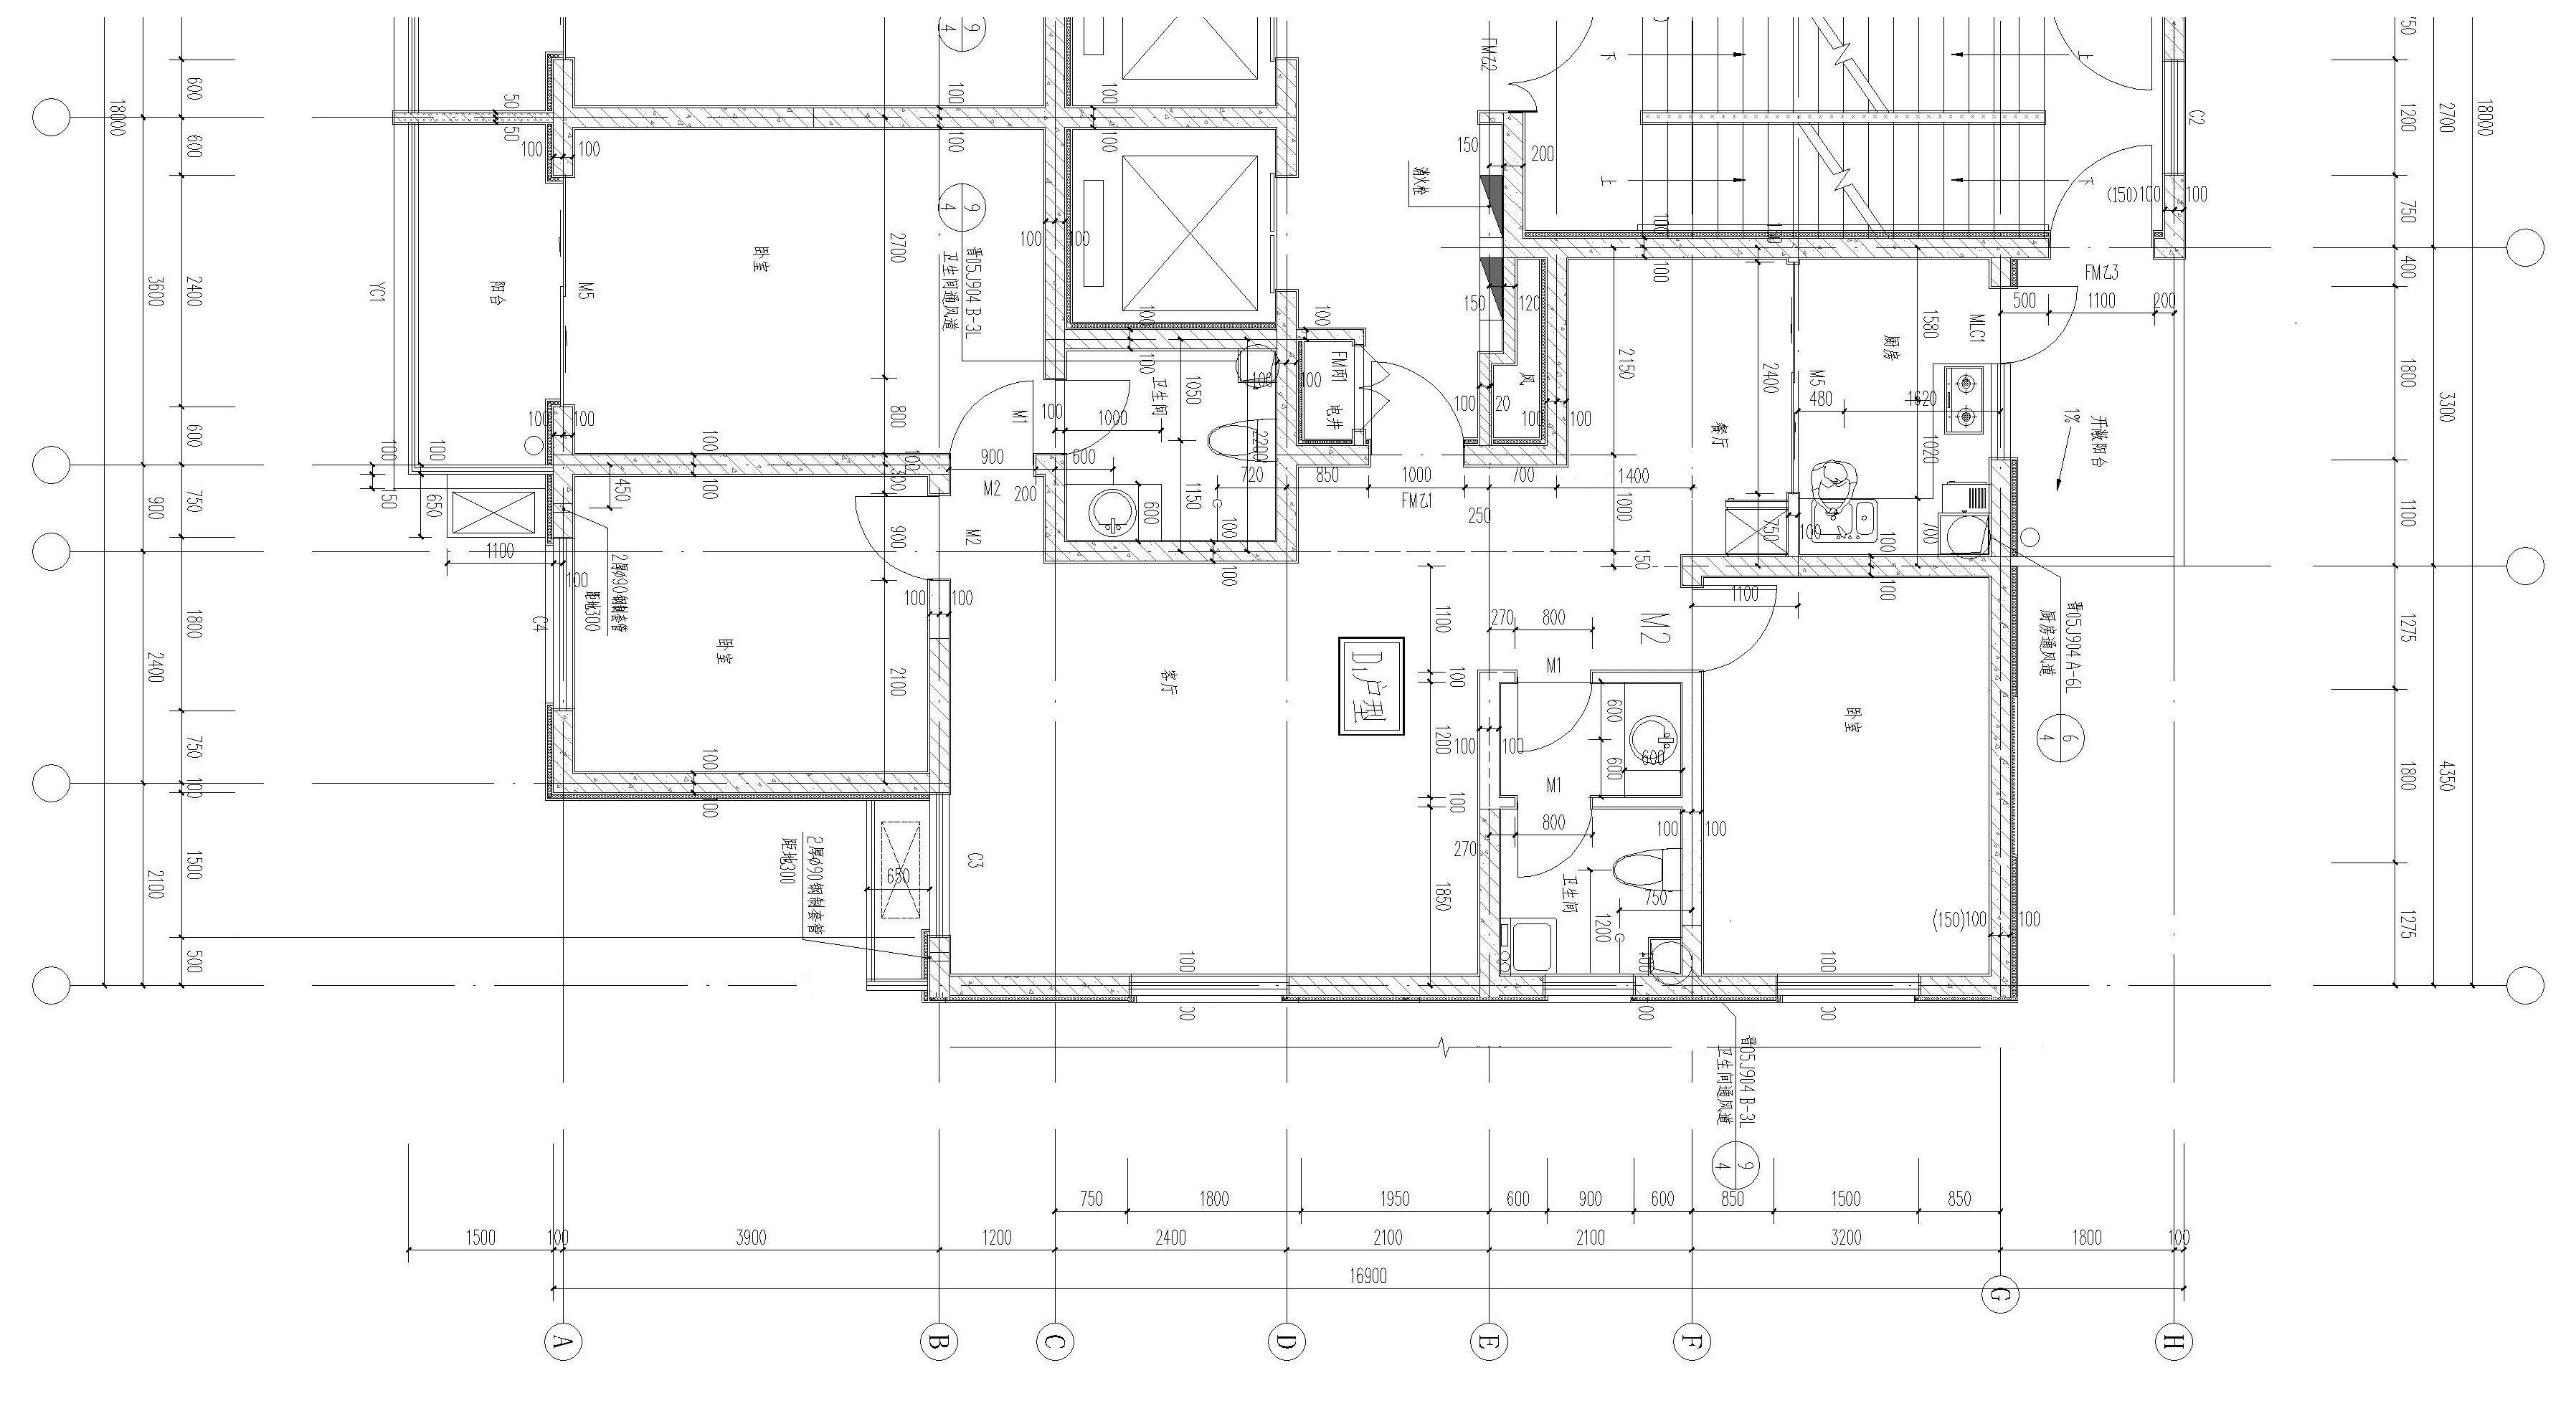 厨房设计平面图-l型厨房设计平面图-中餐厨房设计平面图-卫生间设计图片